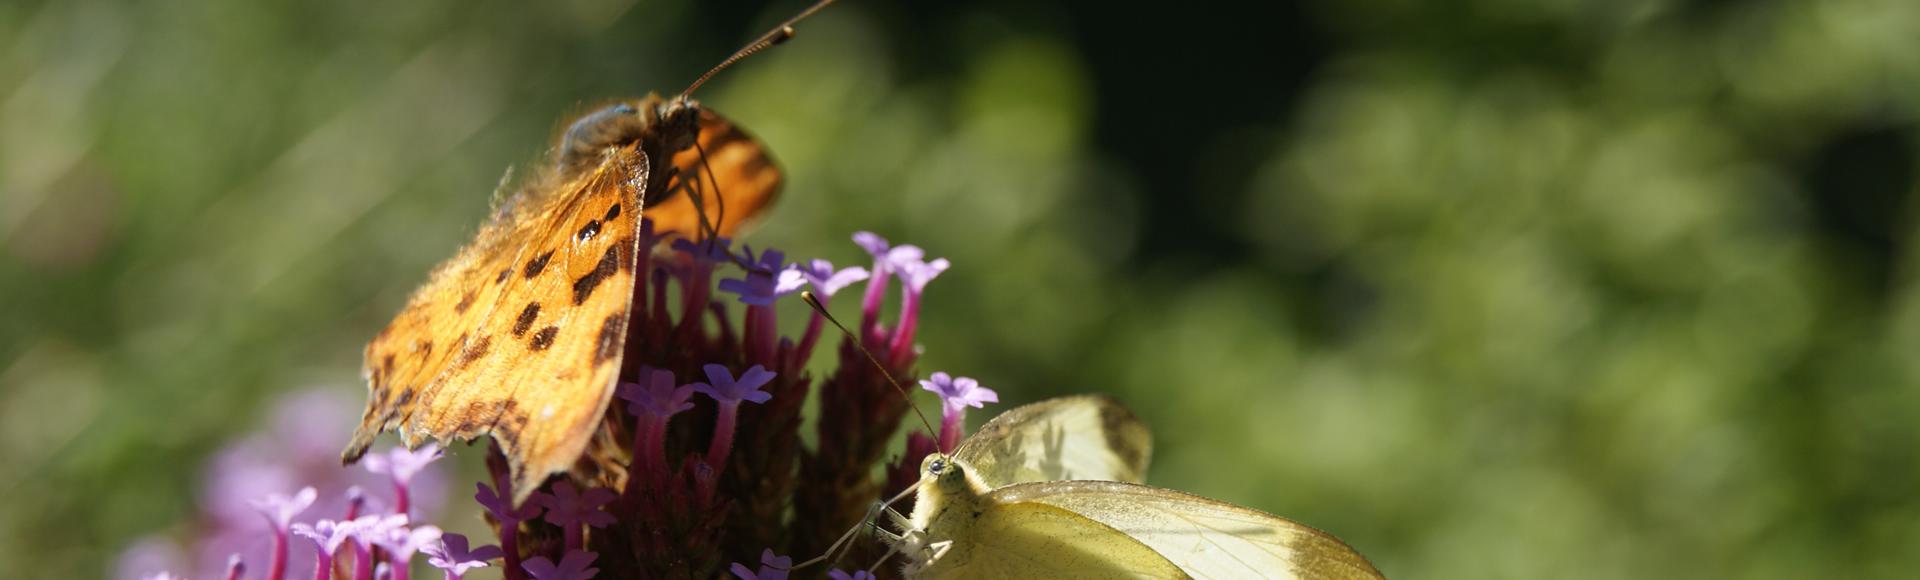 Préserver les ressources et favoriser la biodiversité